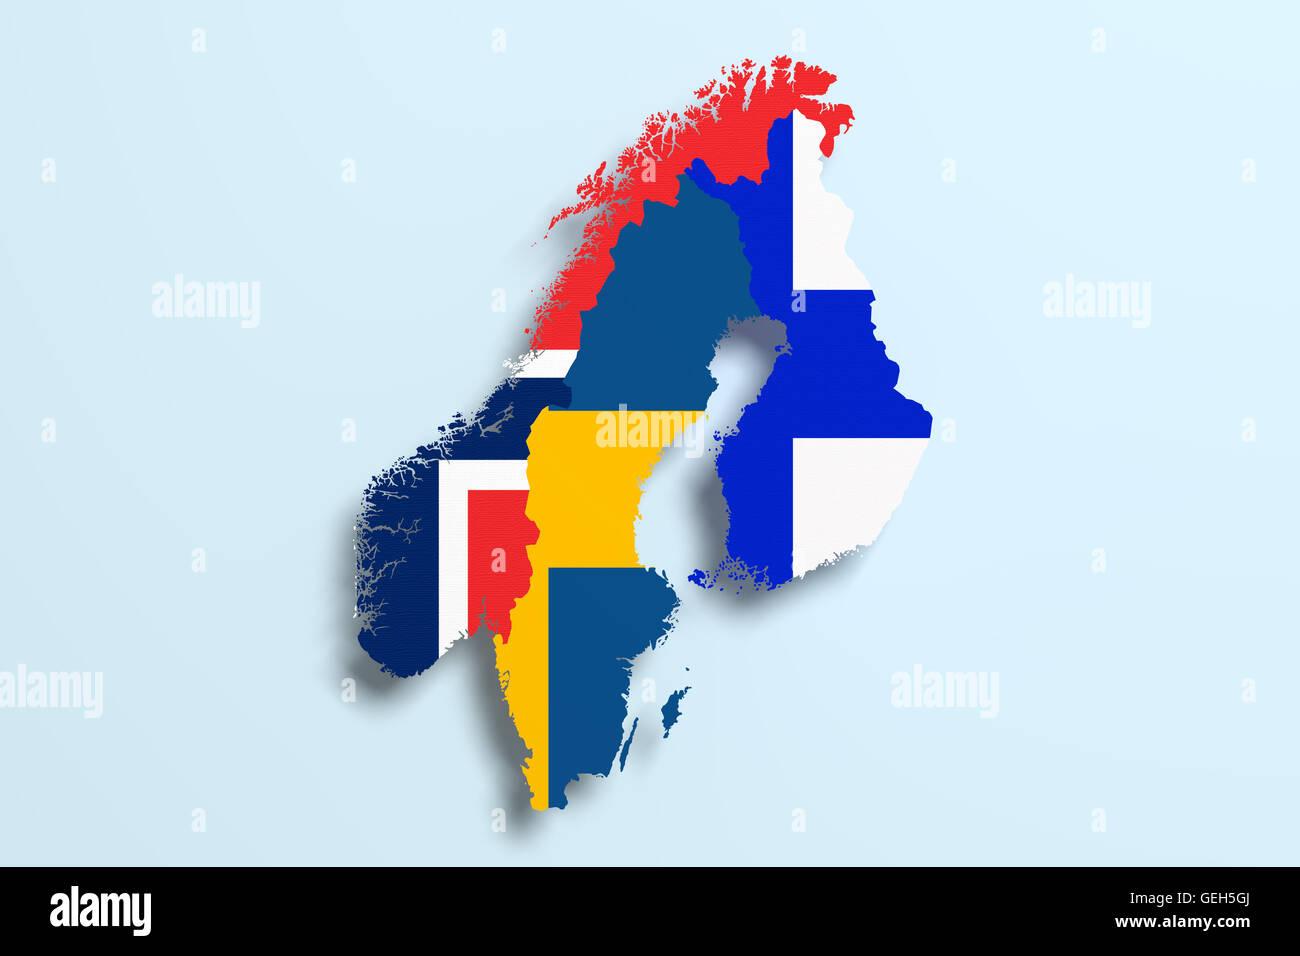 3d Rendering Della Penisola Scandinava Mappa E Bandiere Foto